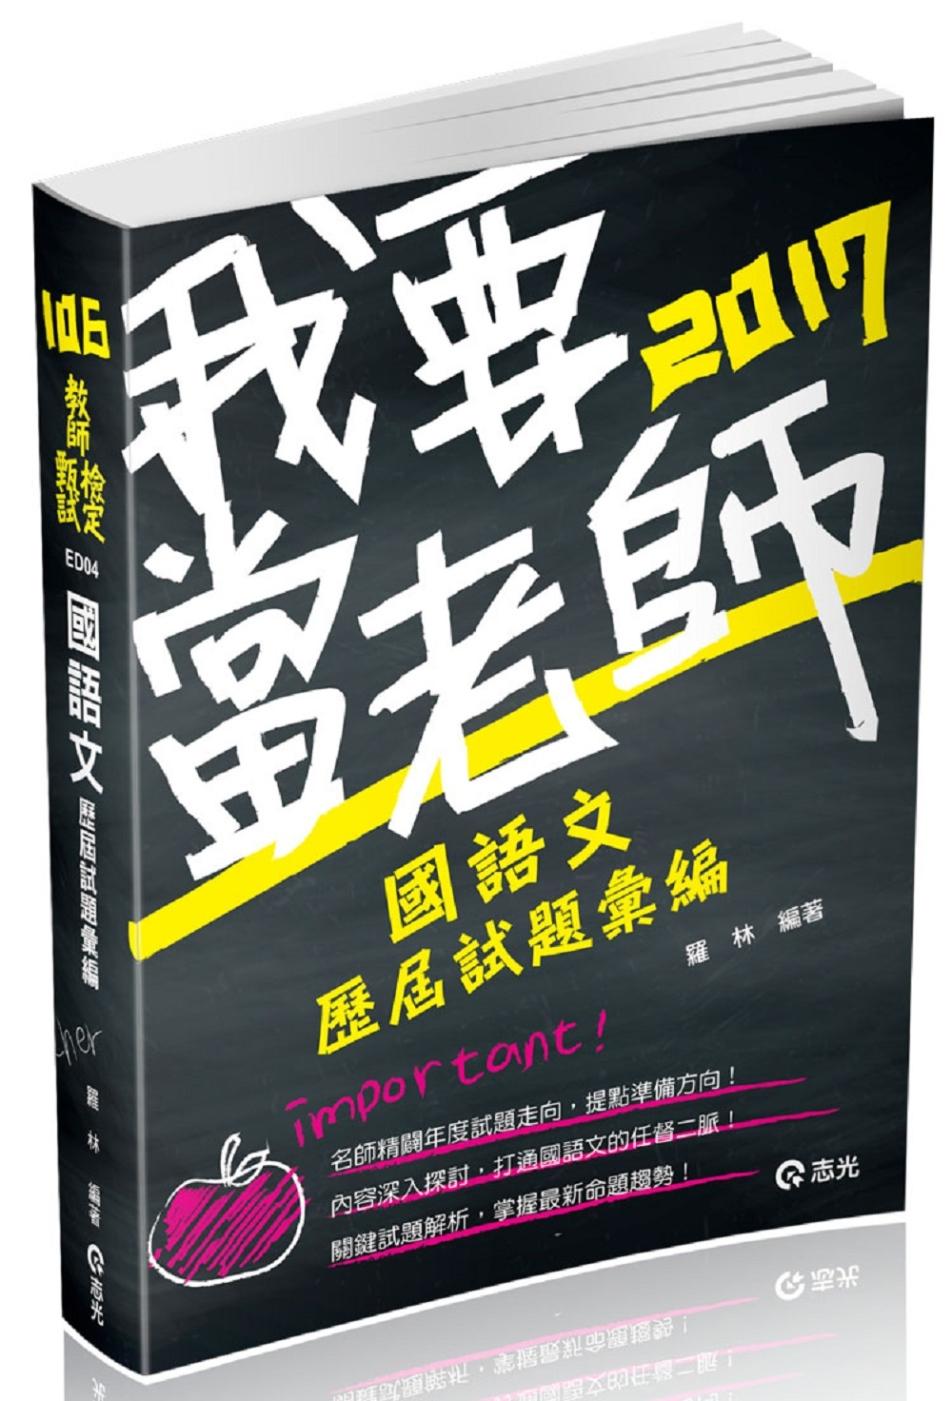 國語文歷屆試題彙編(教師甄試、教師檢定考試專用)